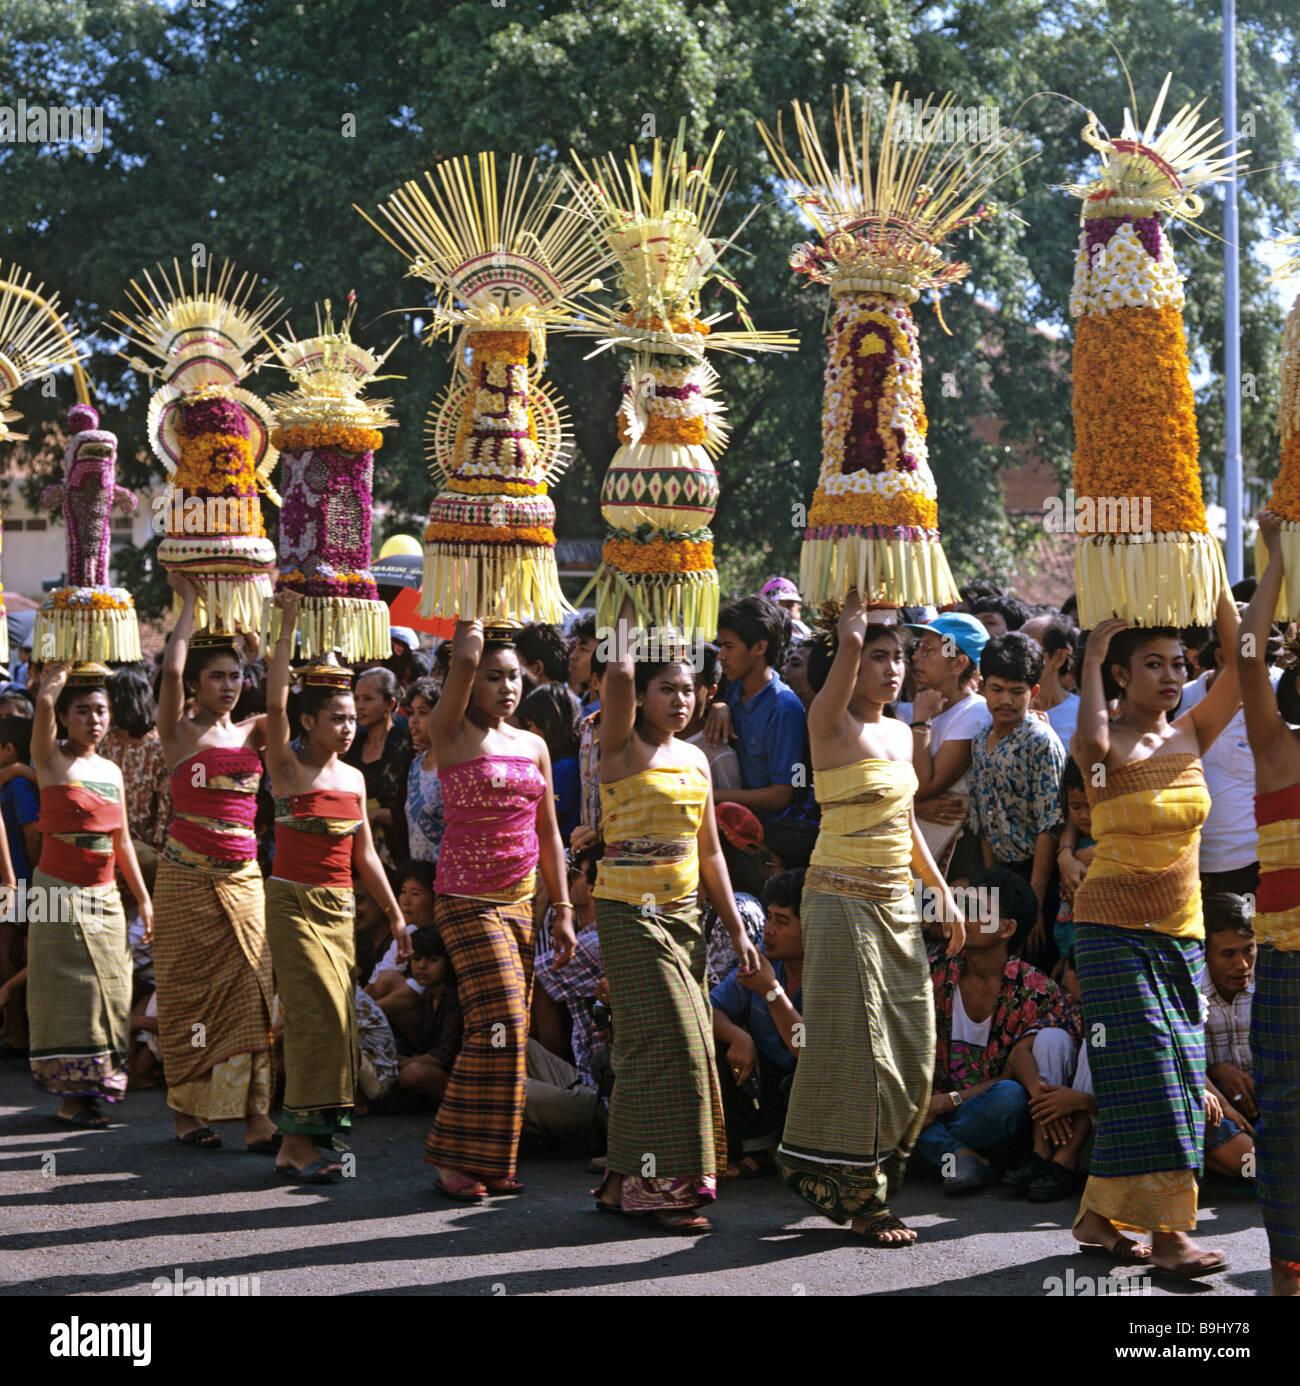 Frauen mit Opfergaben, Prozession, Denpasar, Bali, Indonesien, Süd-Ost-Asien Stockbild